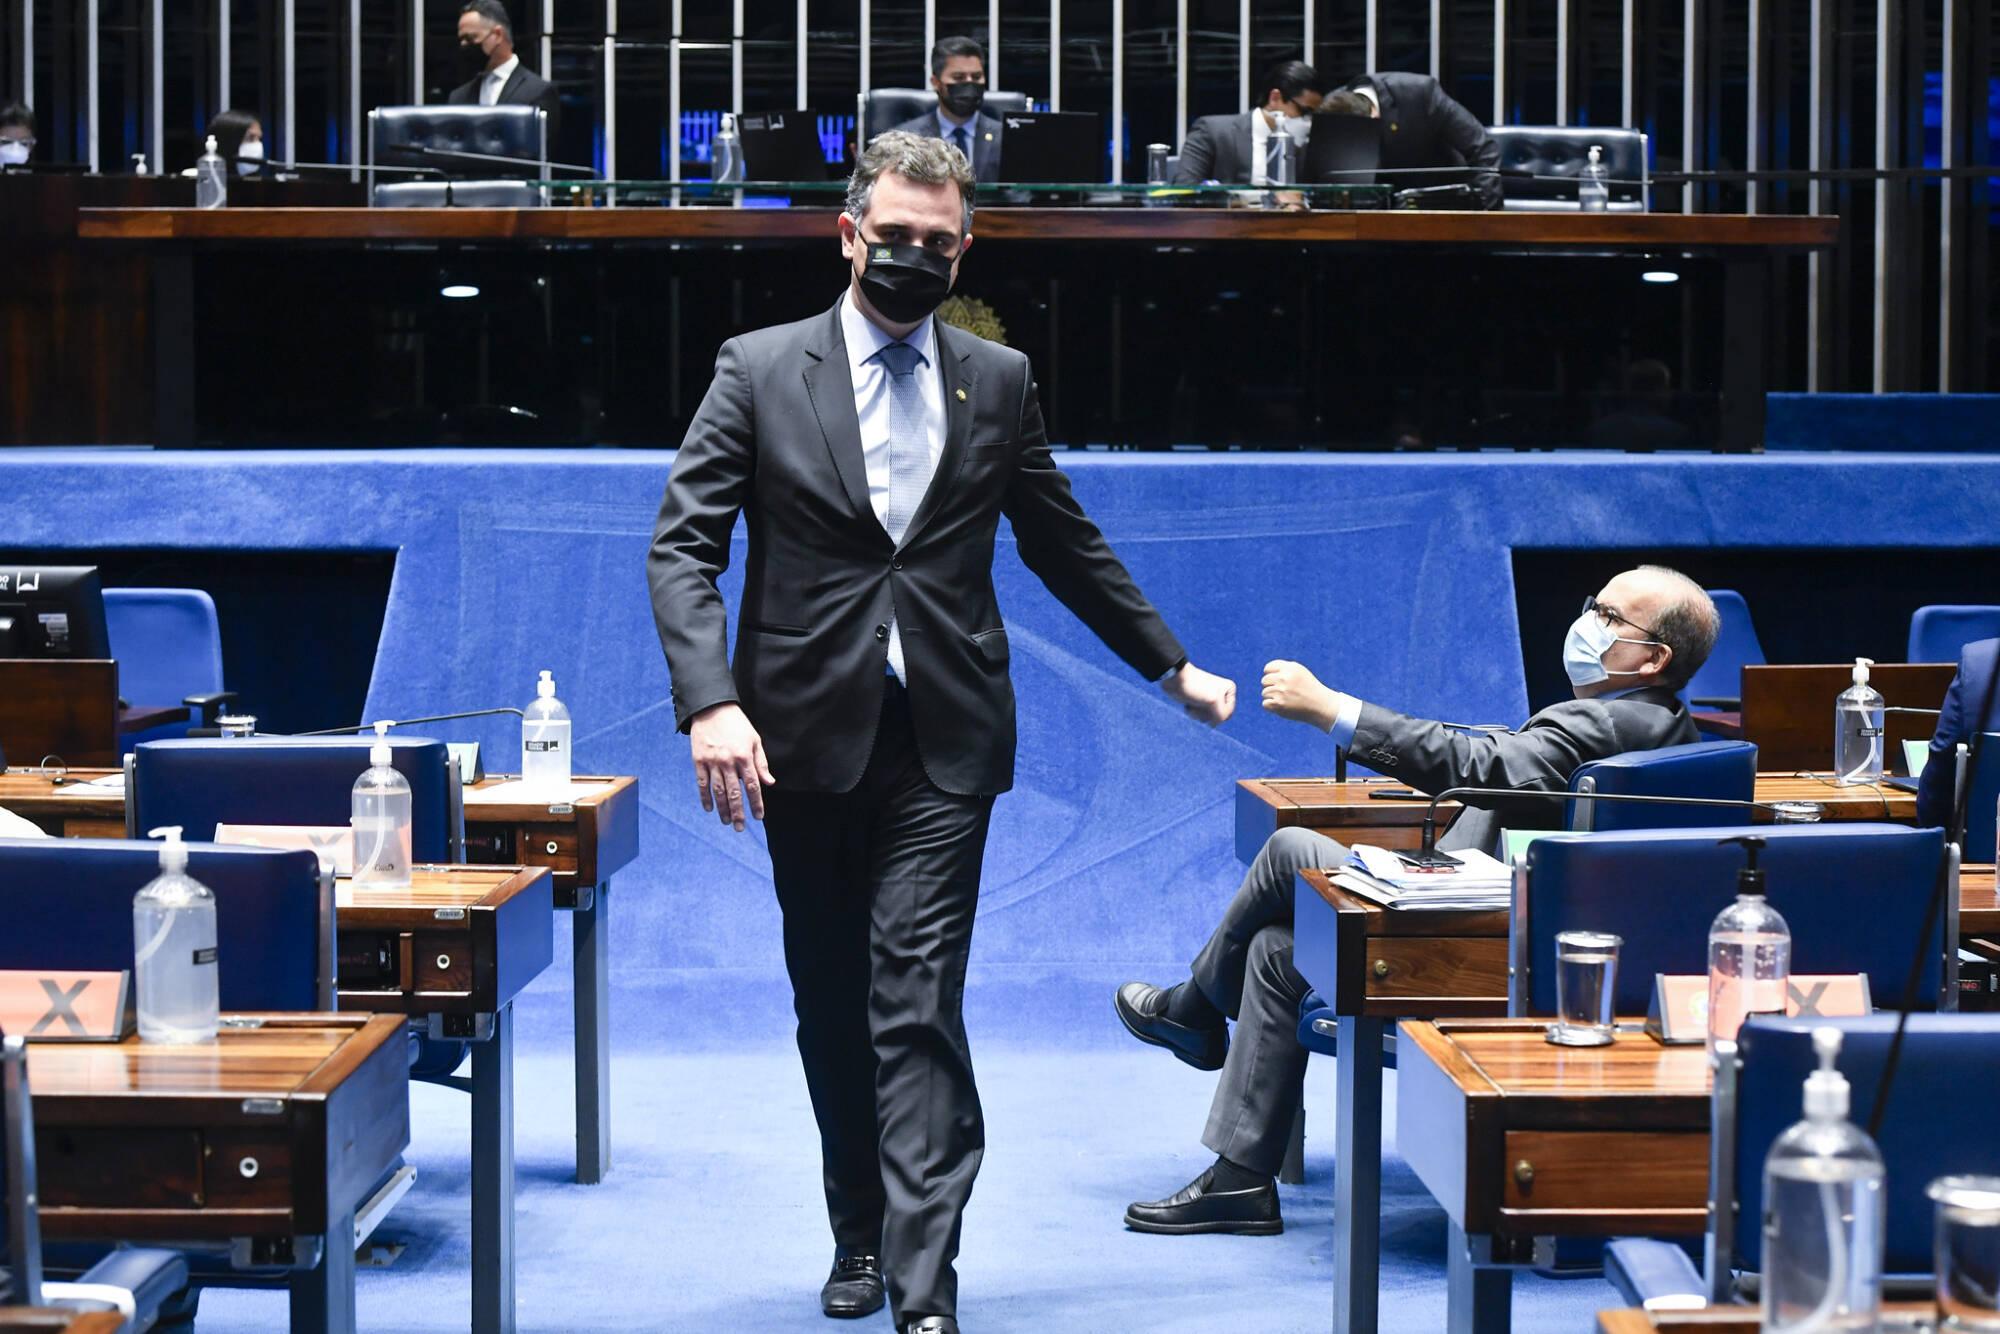 Rodrigo Pacheco andando no Senado de terno preto, camisa e máscara e com a mão dando um soquinho na mão de outro homem senado em uma cadeira